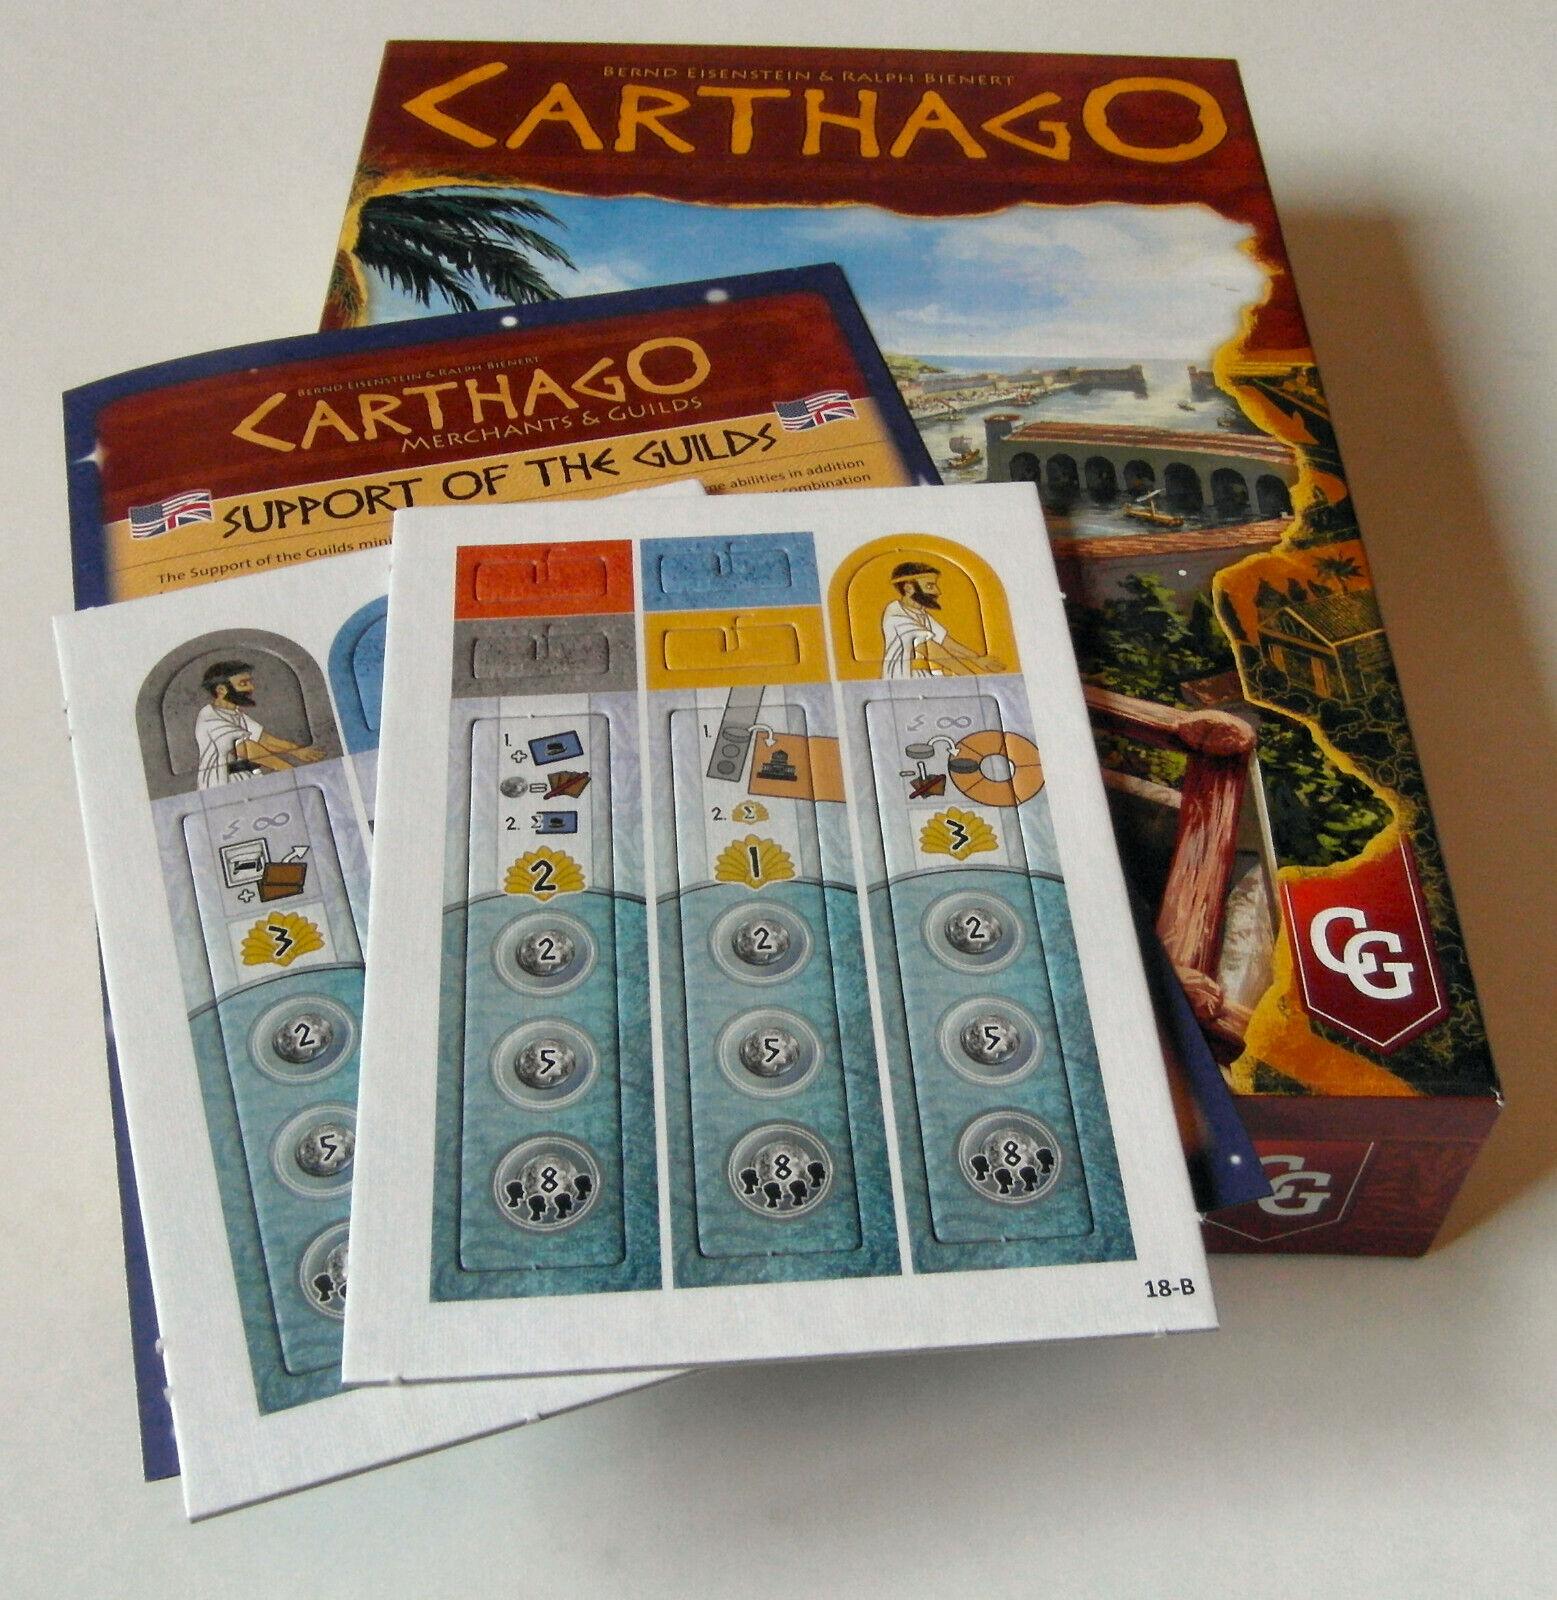 De Carthage  Marchands & Guilds + support the Guilds Expansion-Capstone Jeux